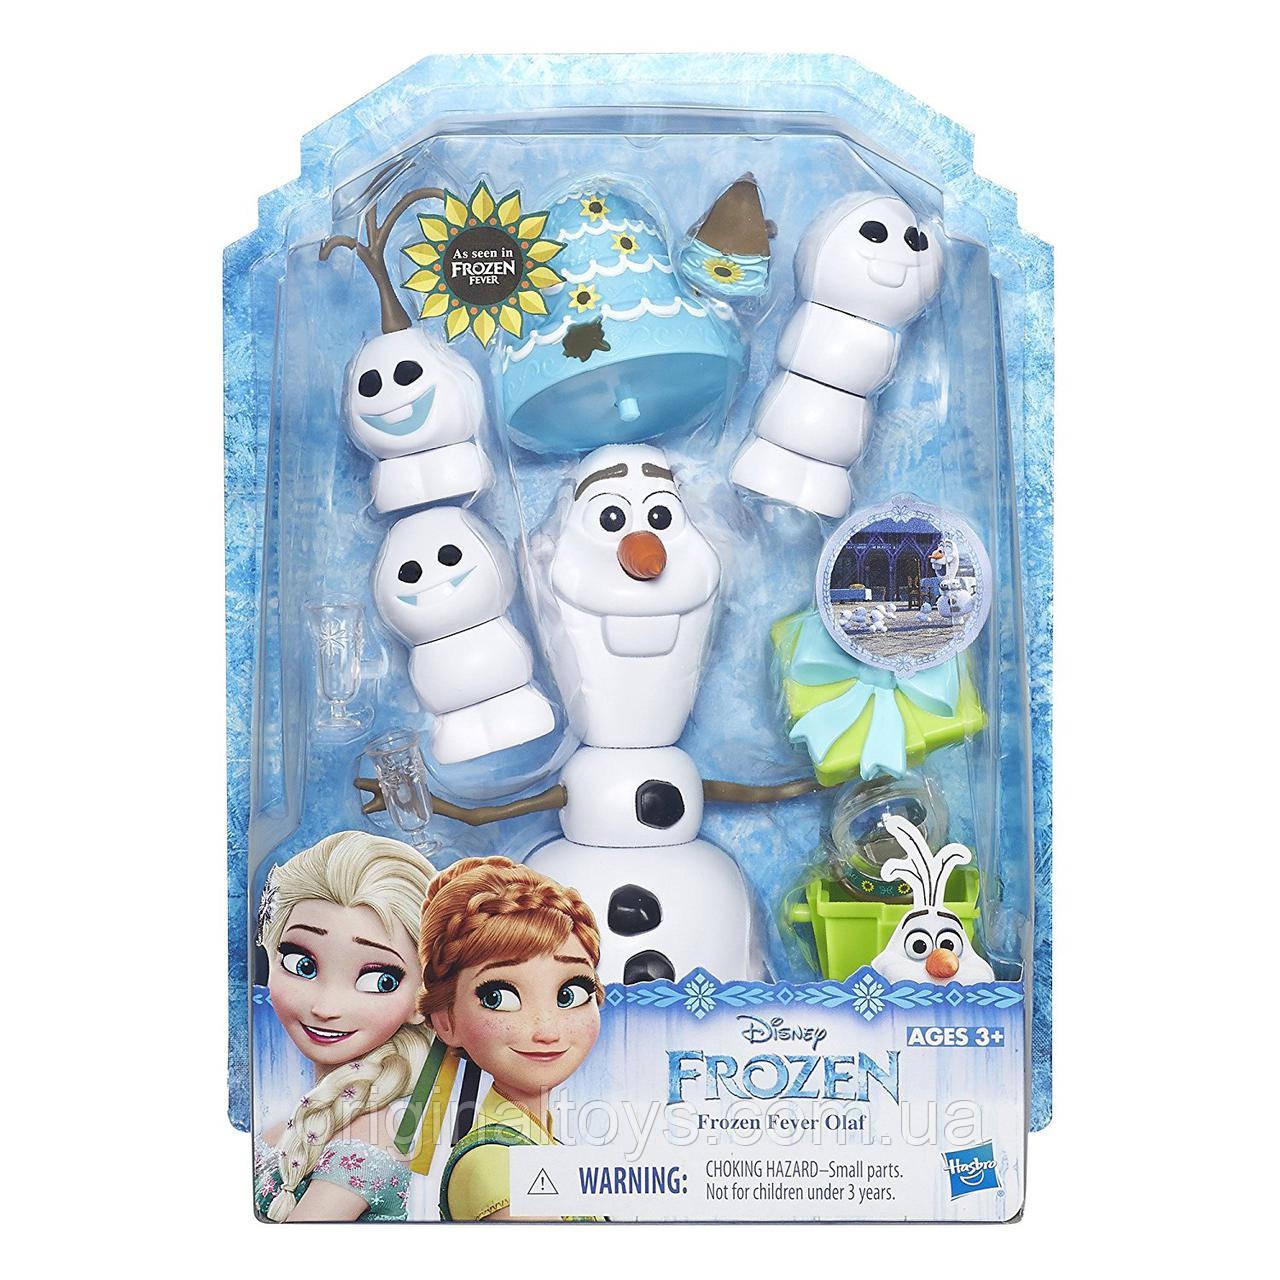 Игровой набор Олаф Disney Frozen Fever